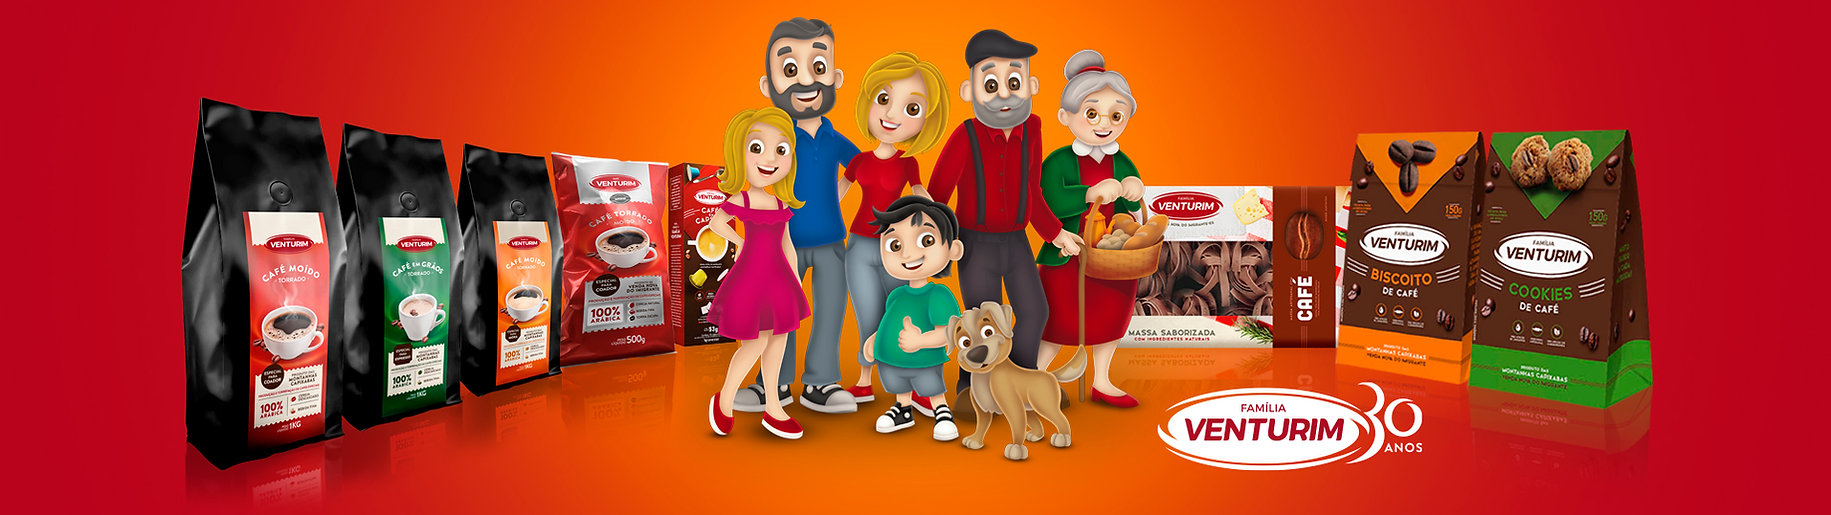 Família Venturim.jpg